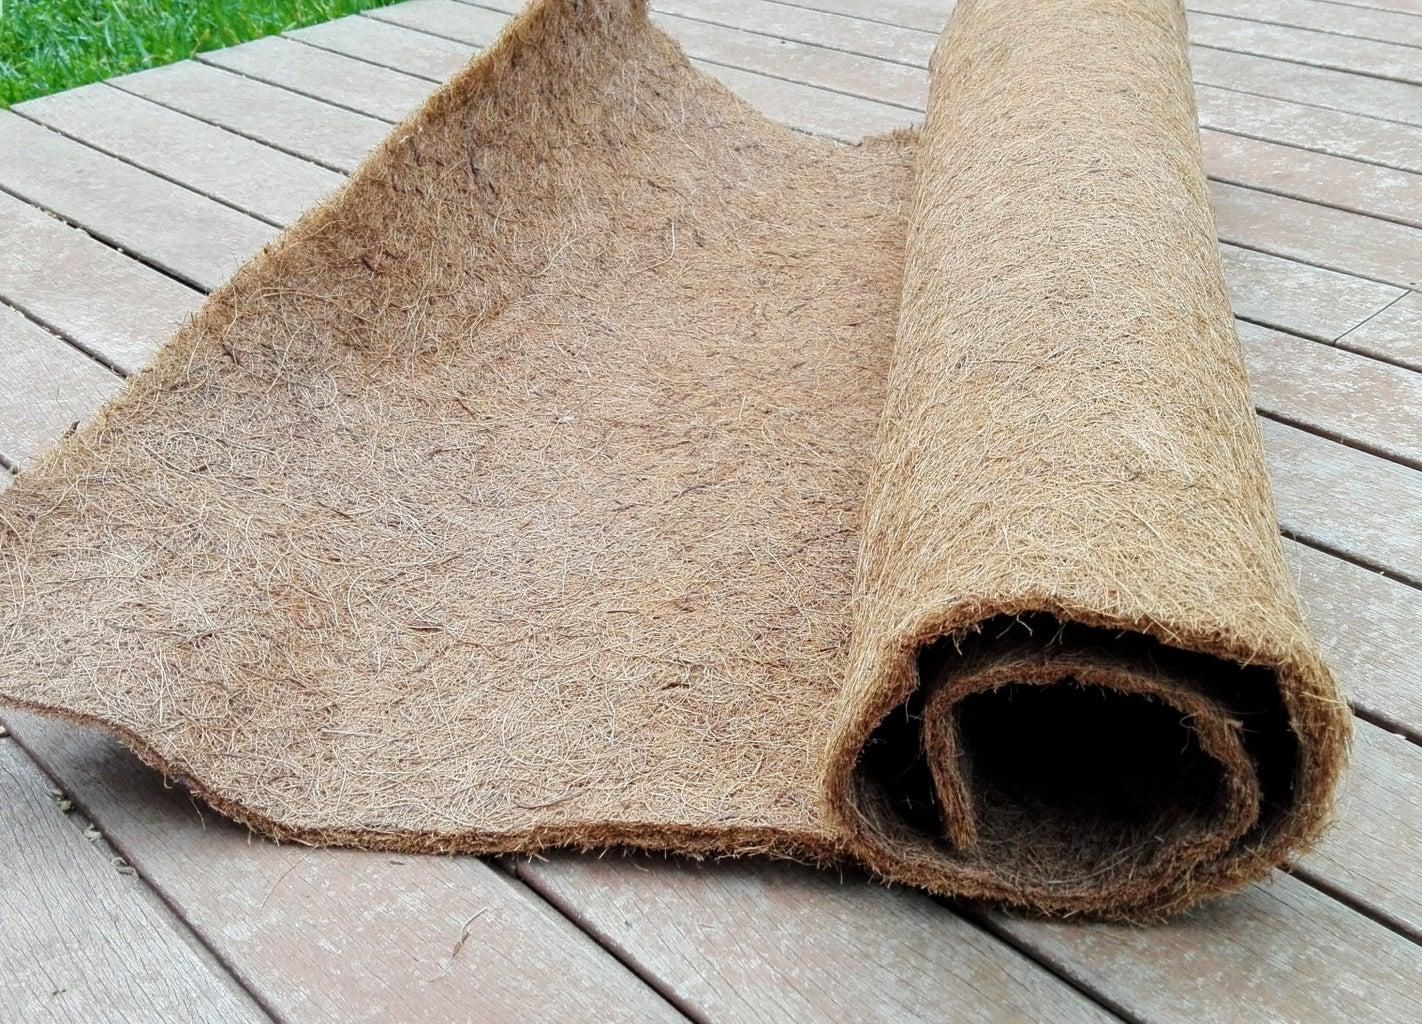 Installing the Coconut Fiber Mat